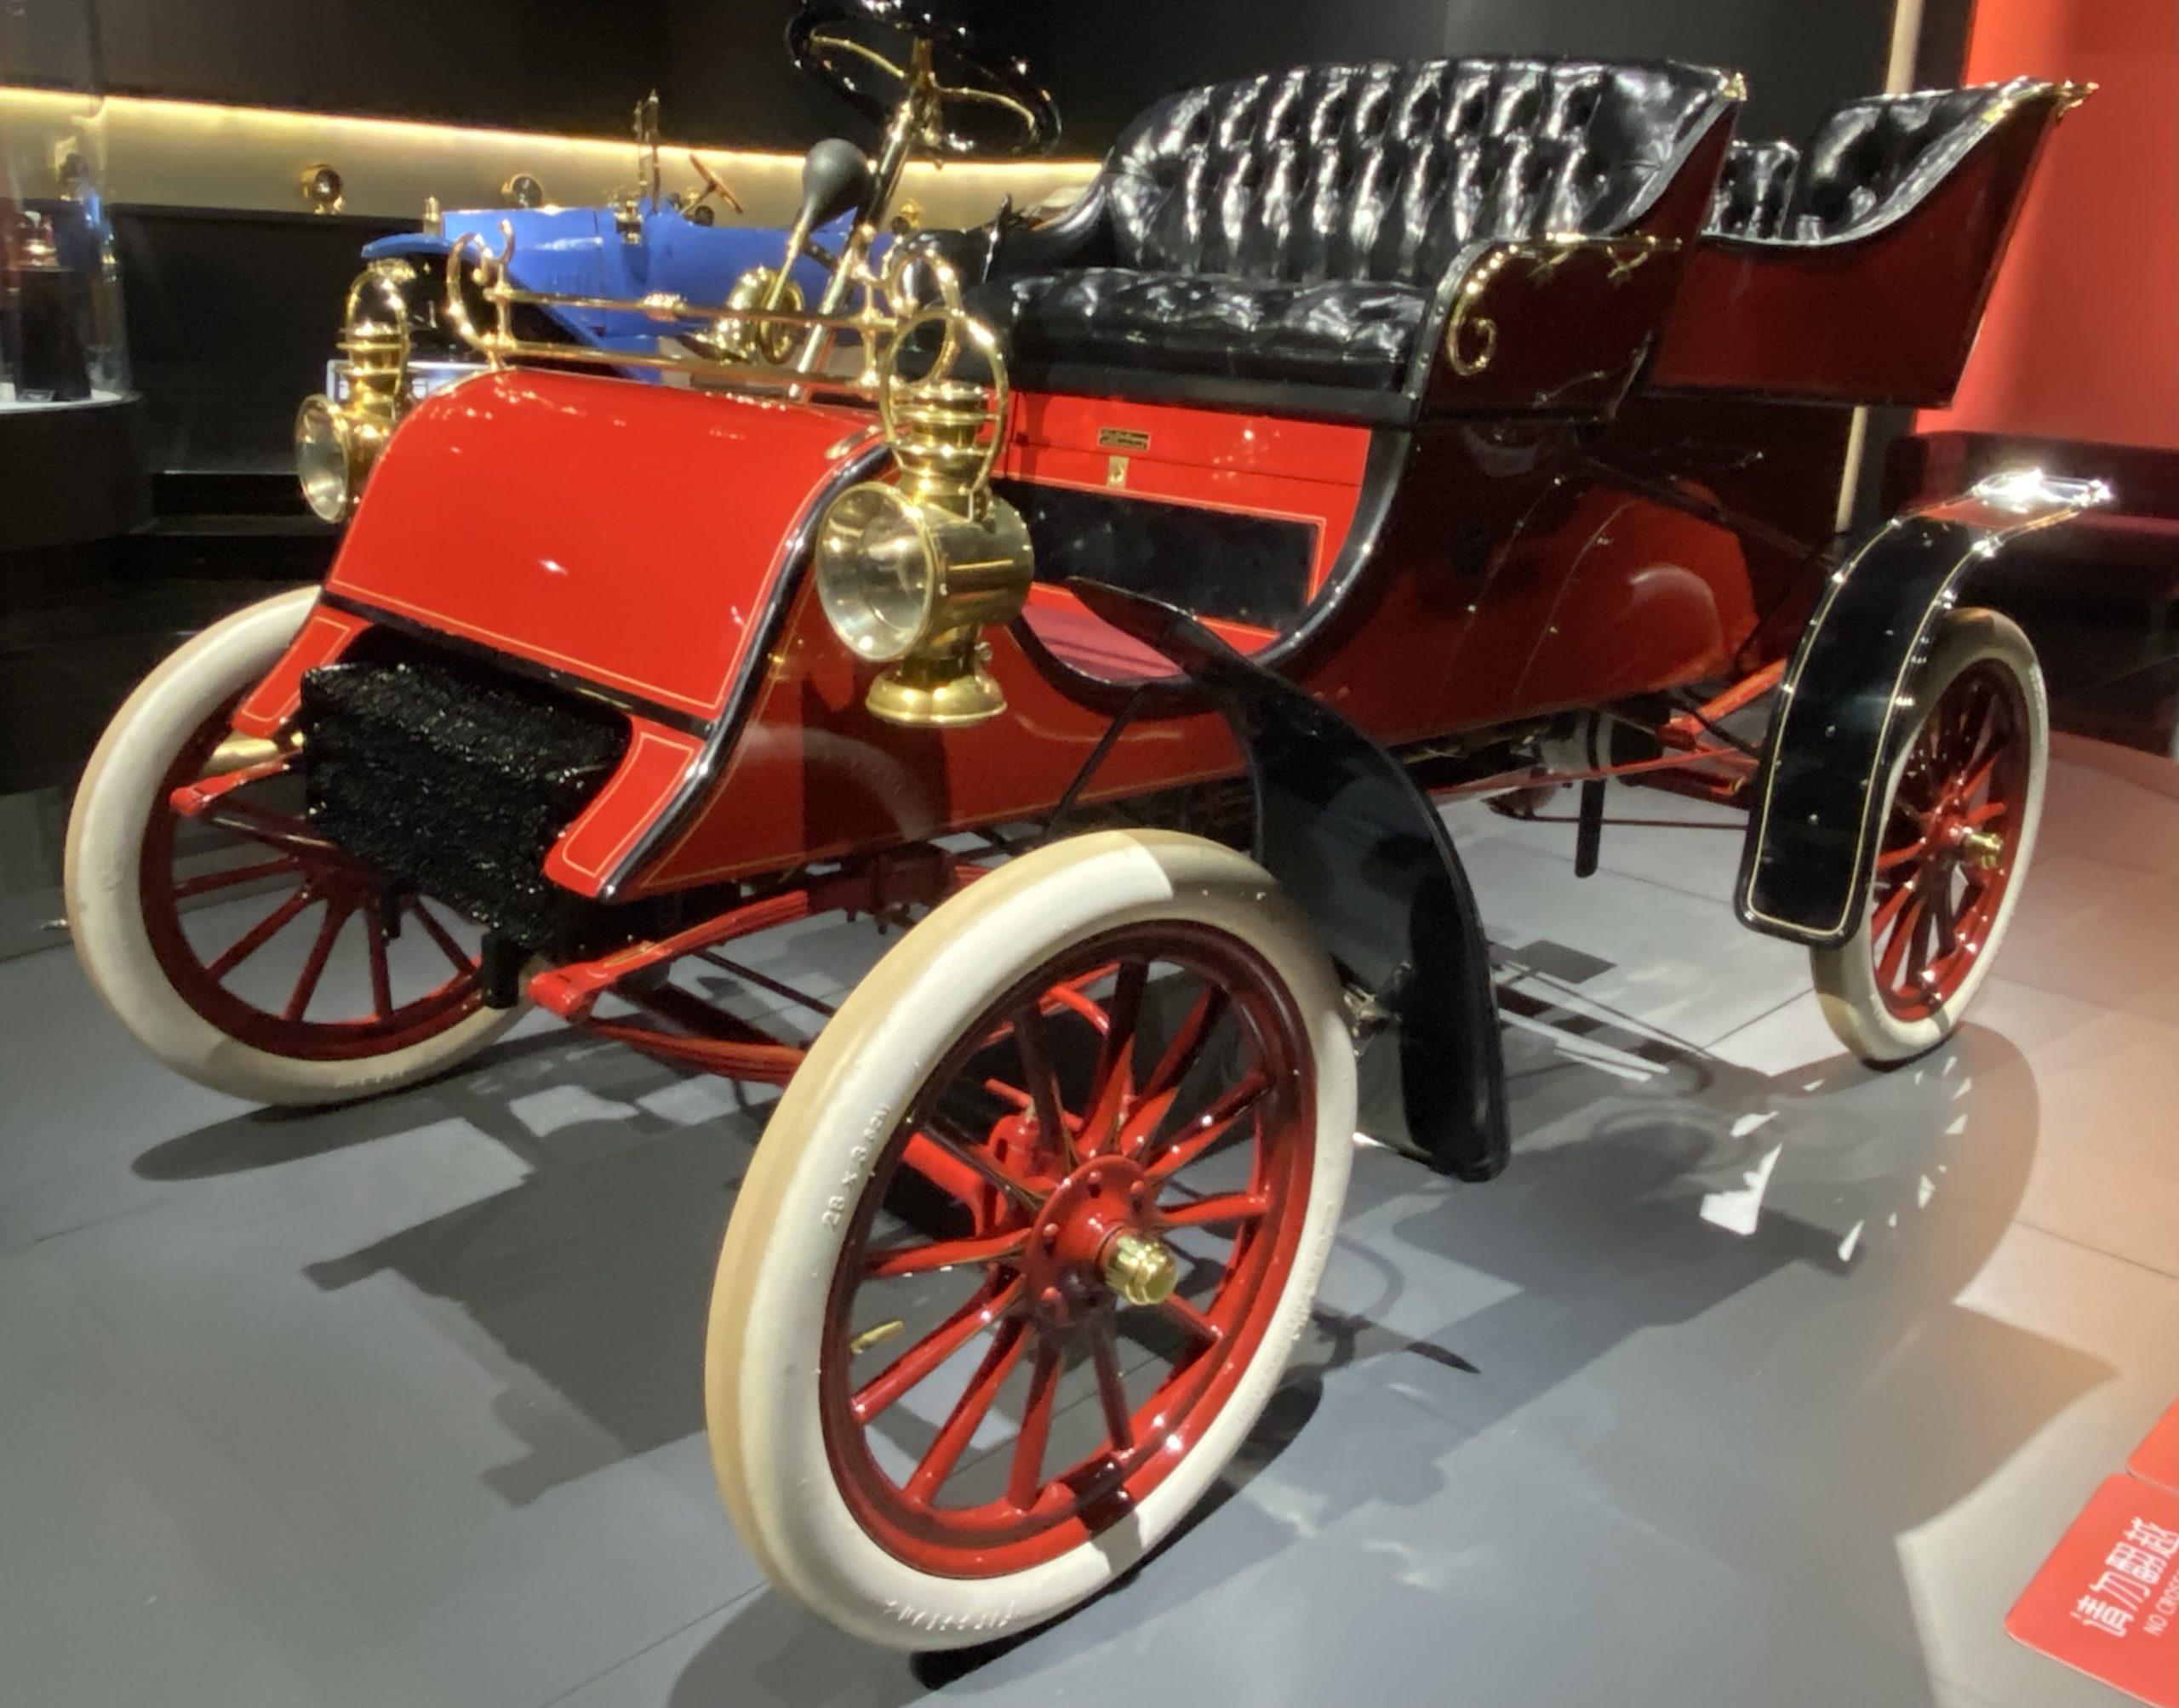 1903年フォードモデルA -1903 Ford Model A-常設展-三和老爺車博物館-成都市-四川省